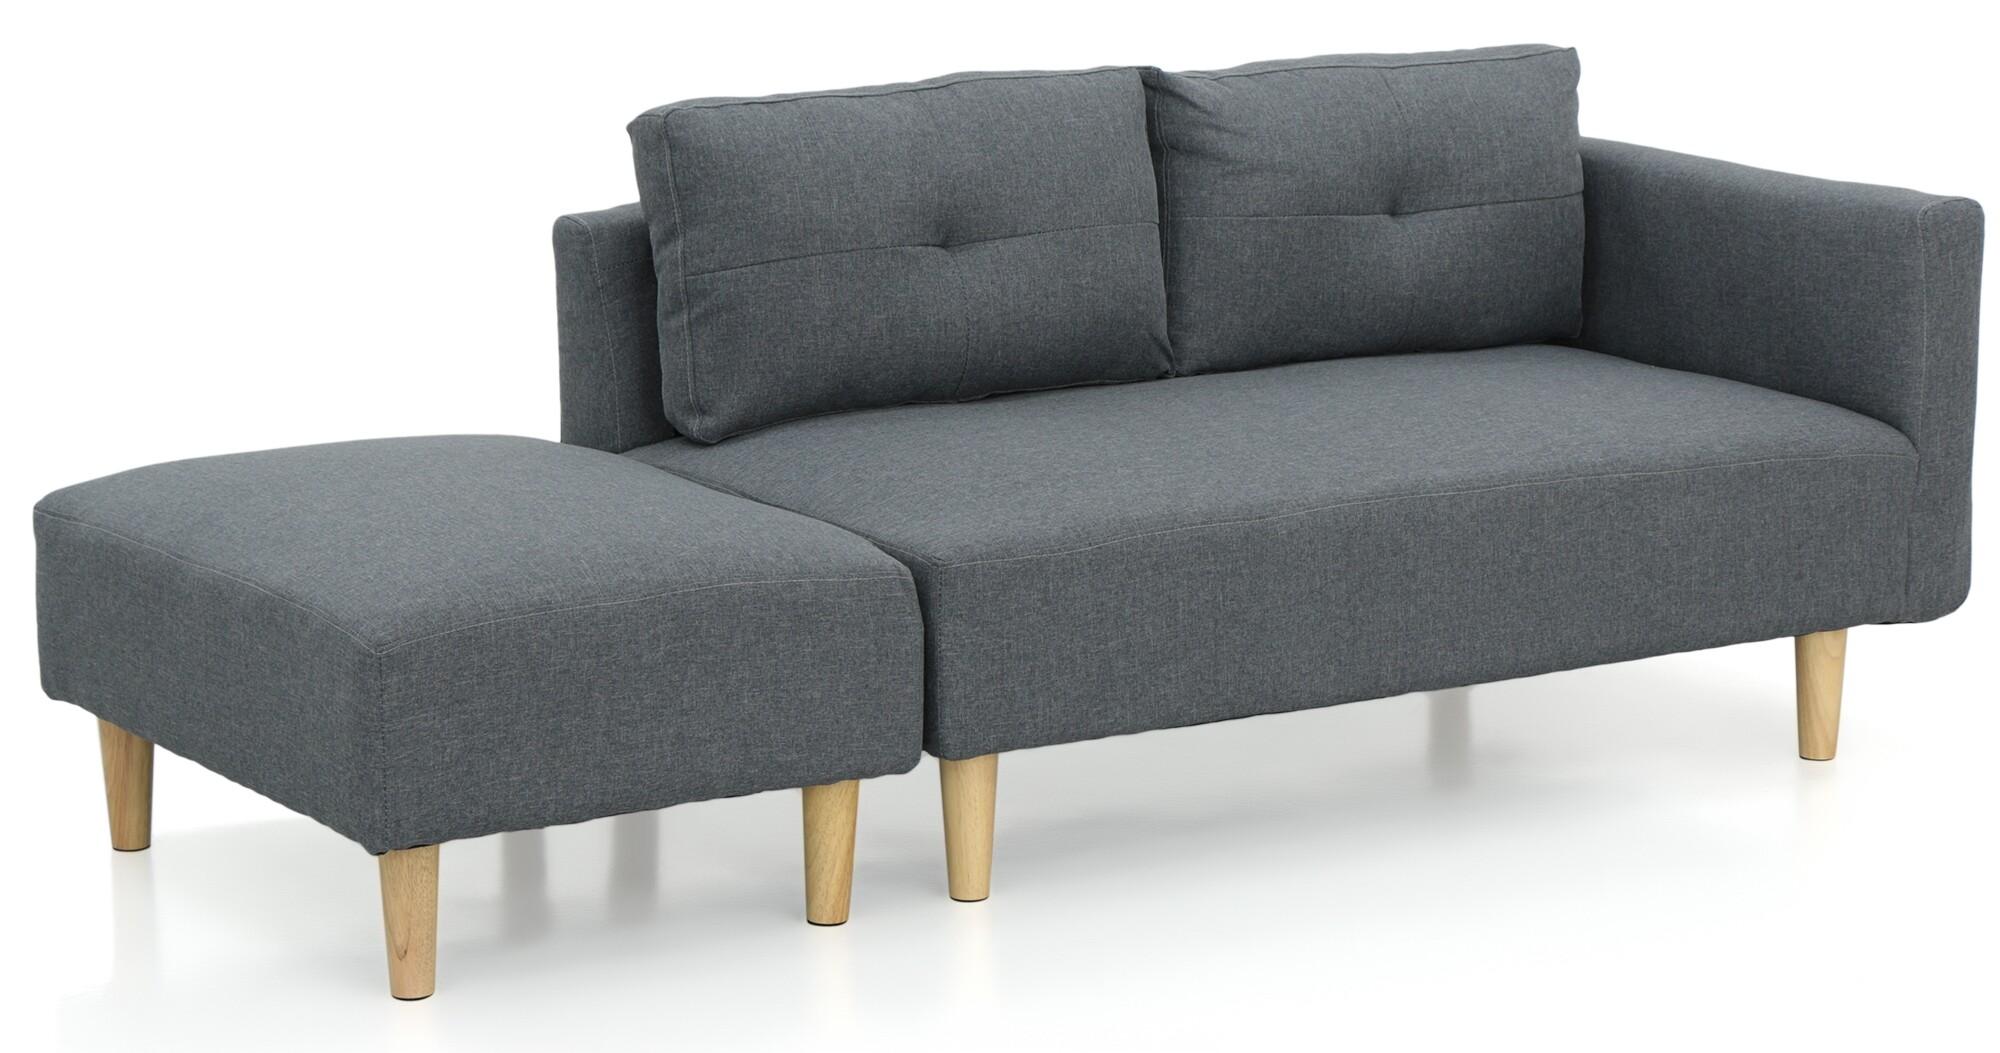 Nala Left Corner Sofa With Ottoman Grey All Sofas Sofas Sofa